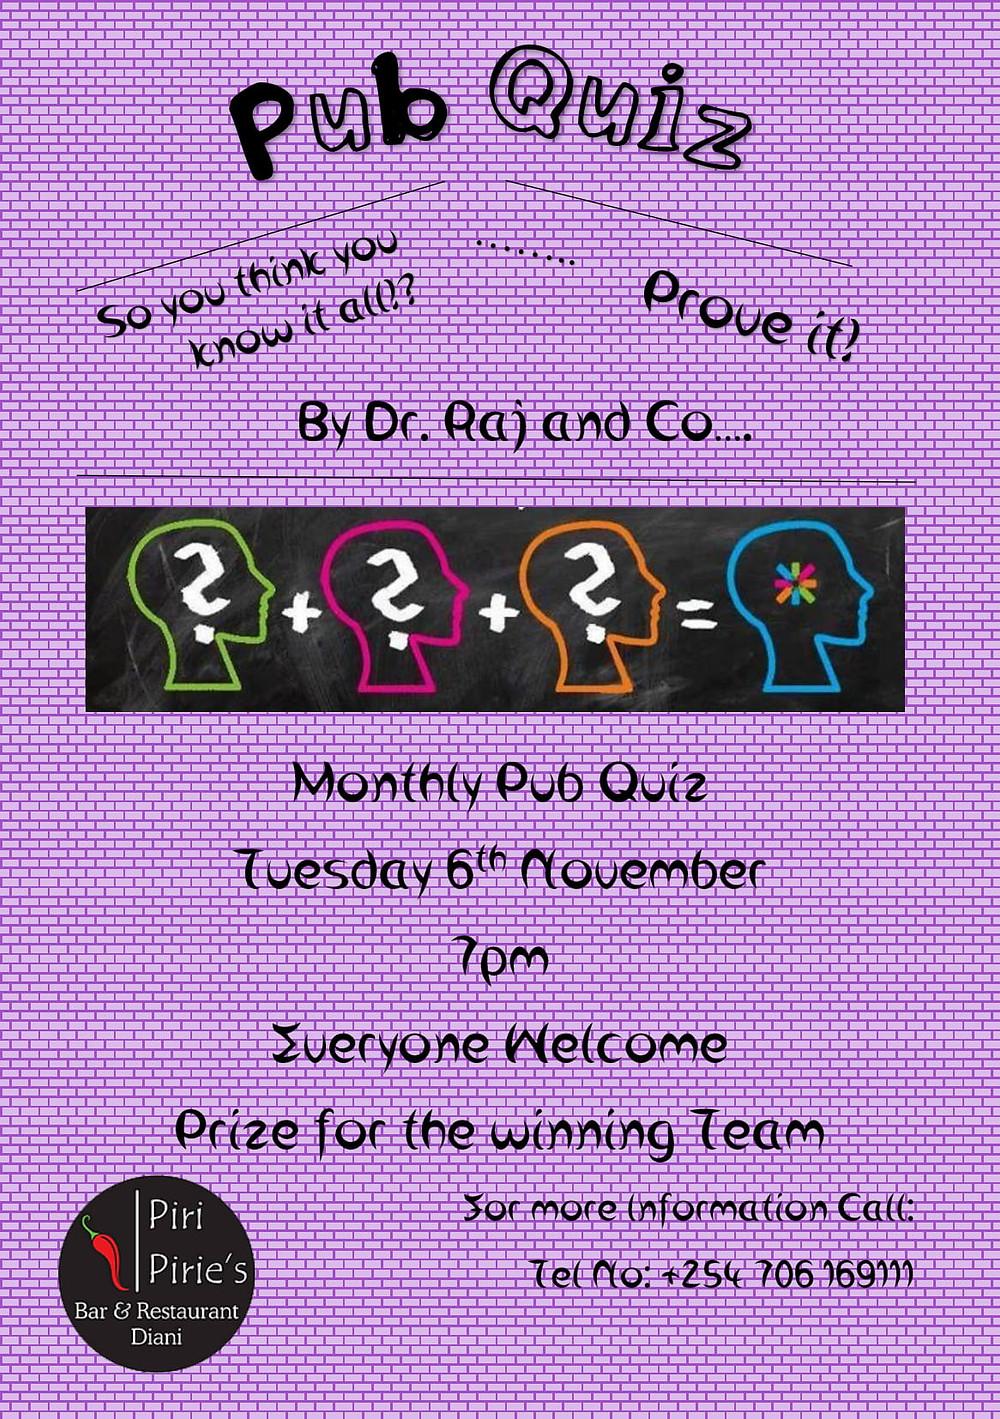 November Quiz Night by Dr. Raj